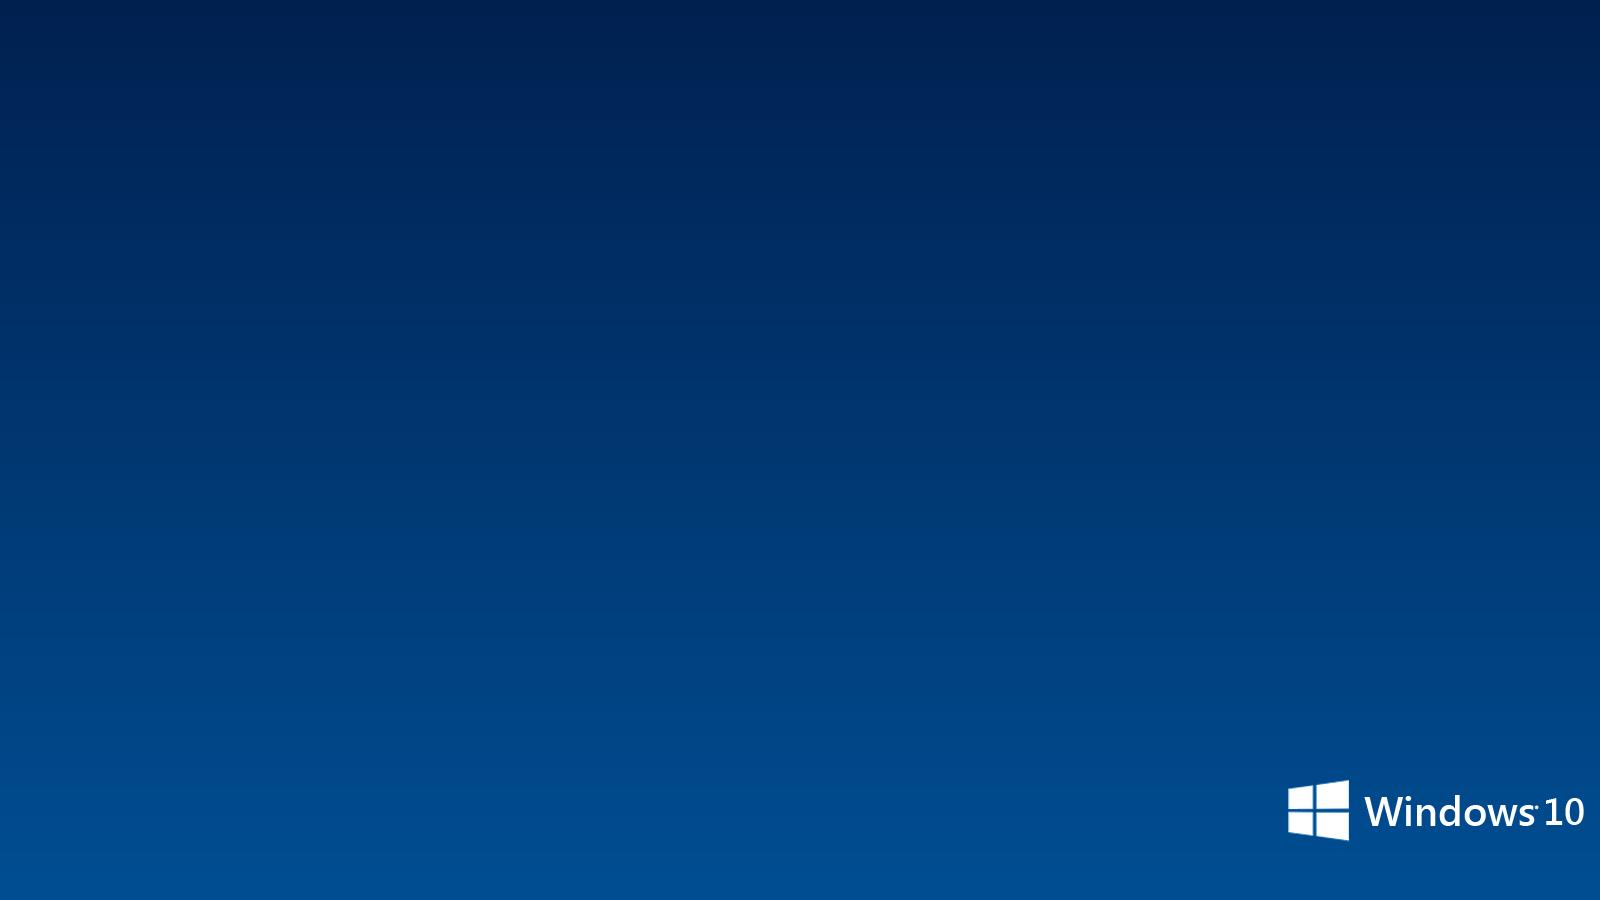 Blue Windows 10 Wallpaper PC 9523 Wallpaper High Resolution 1600x900